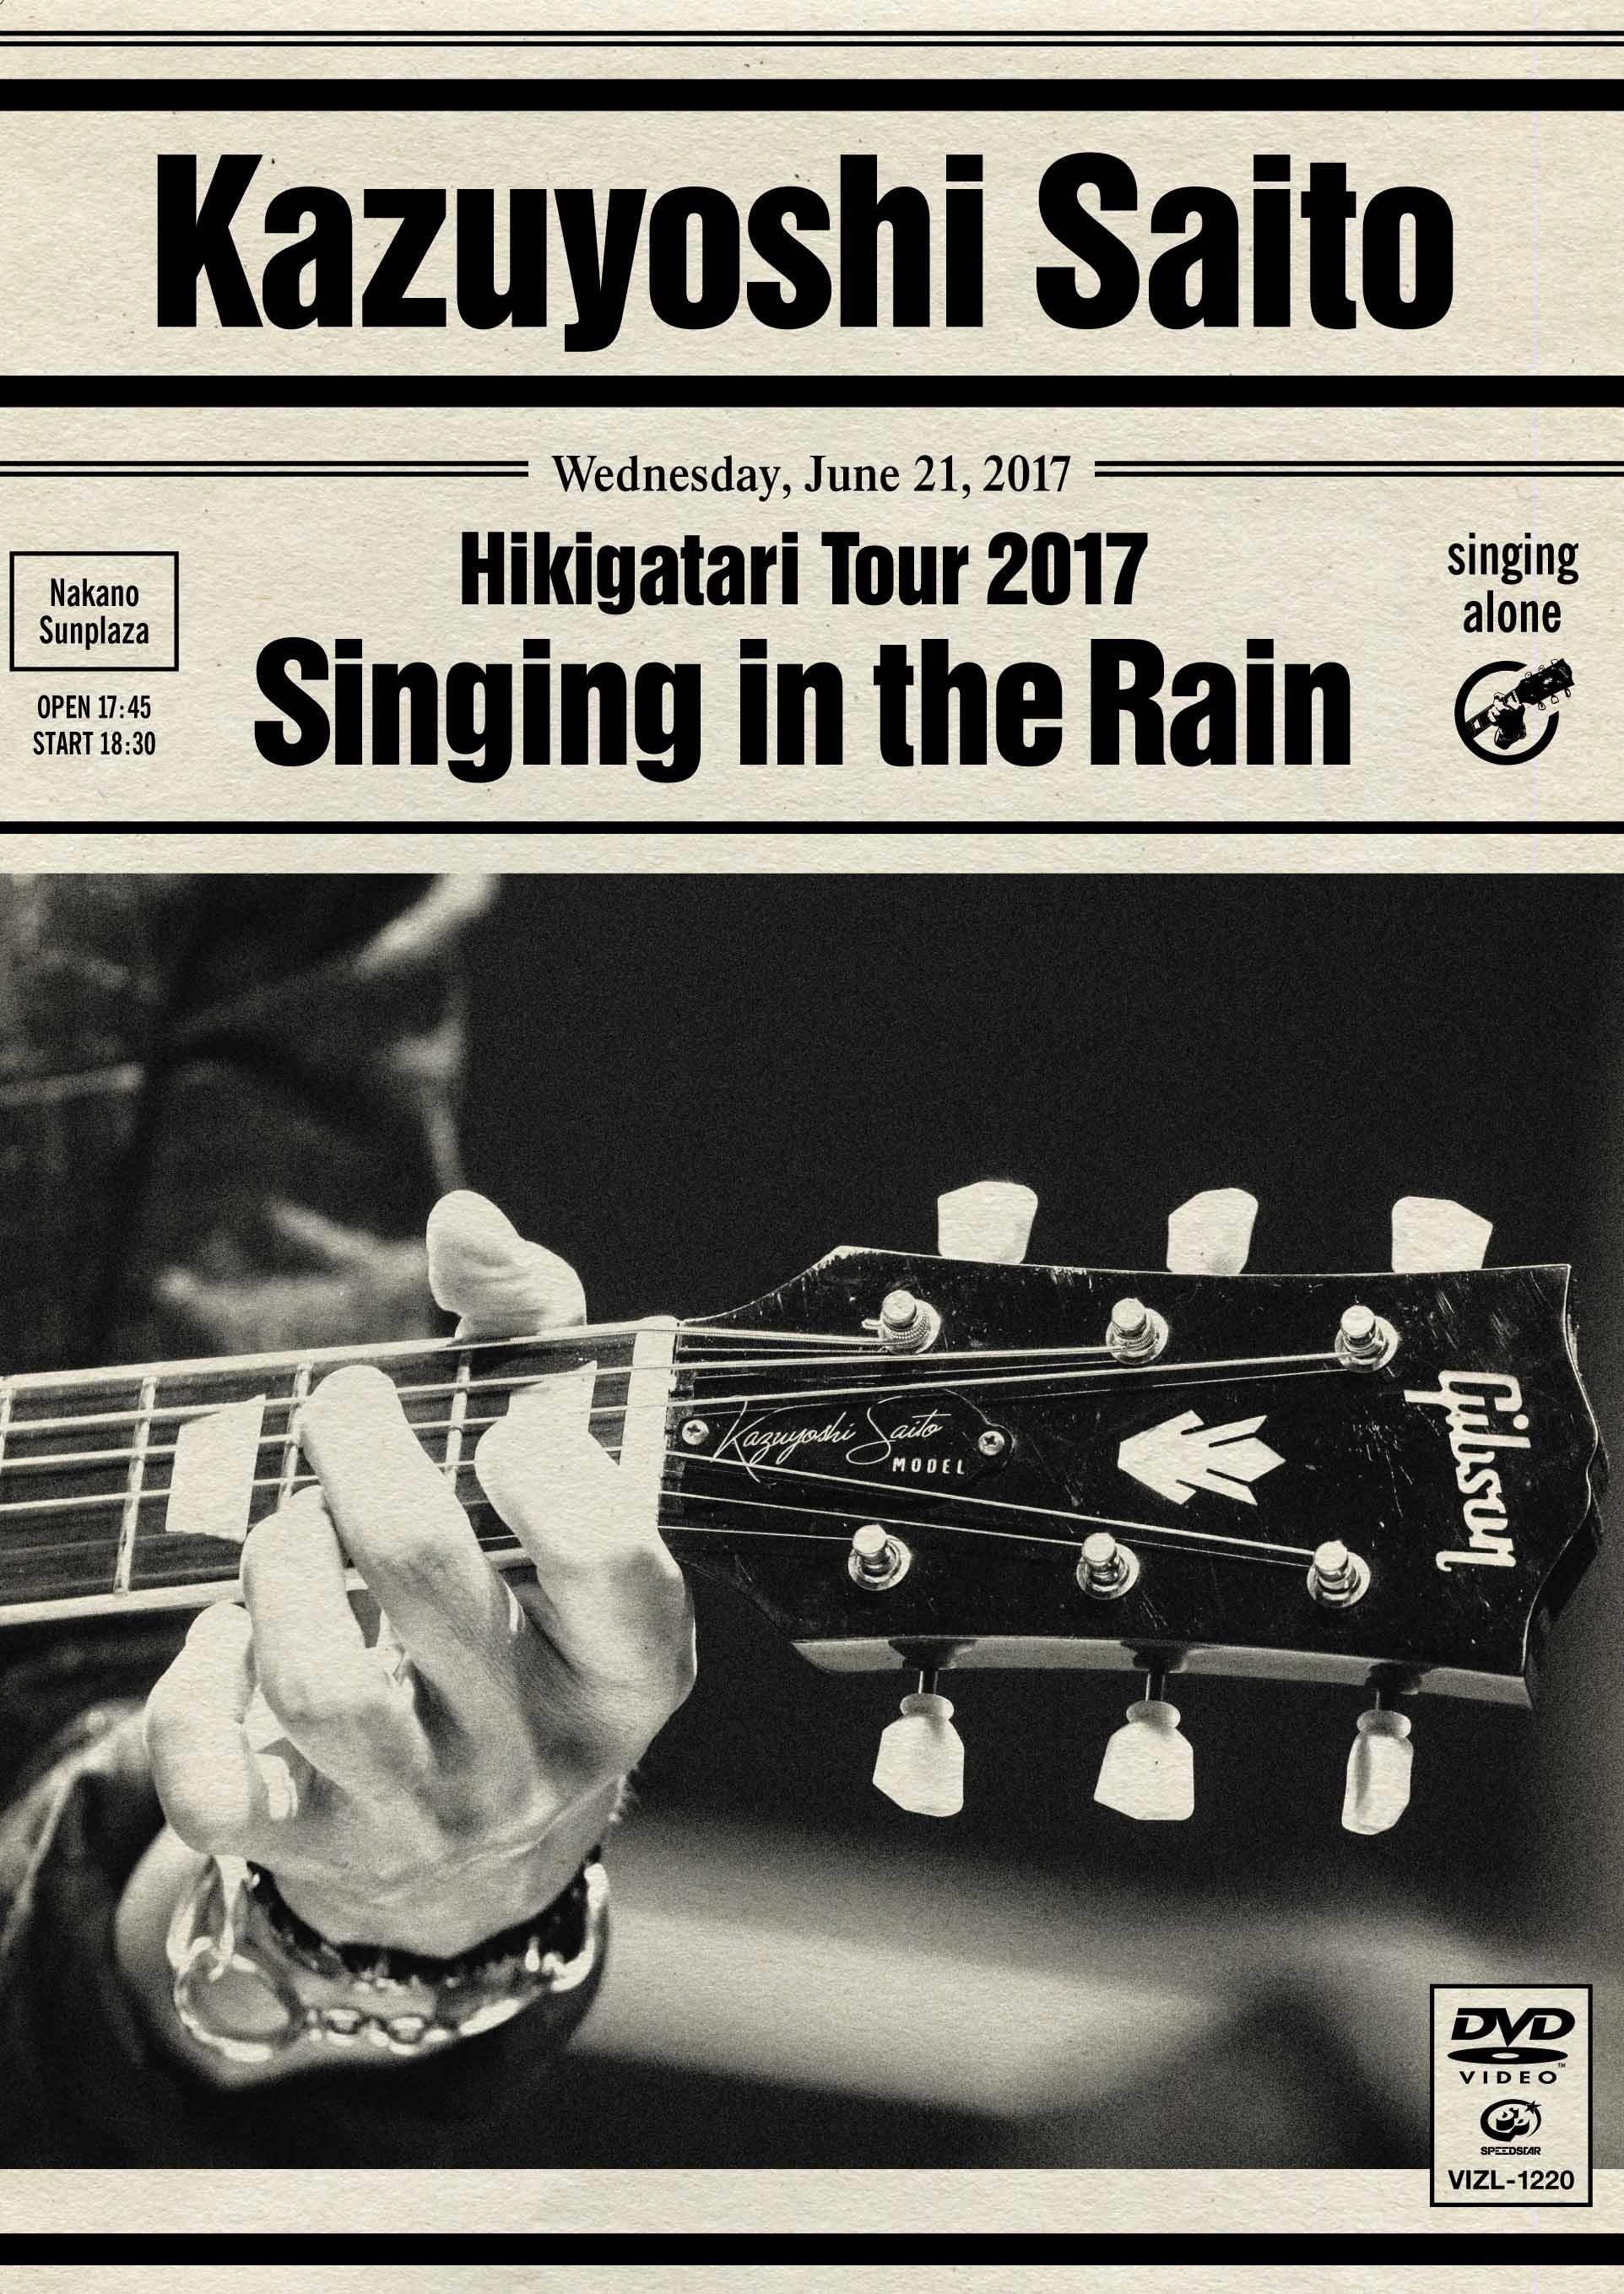 """『斉藤和義 弾き語りツアー 2017 """"雨に歌えば"""" Live at 中野サンプラザ 2017.06.21』DVD"""